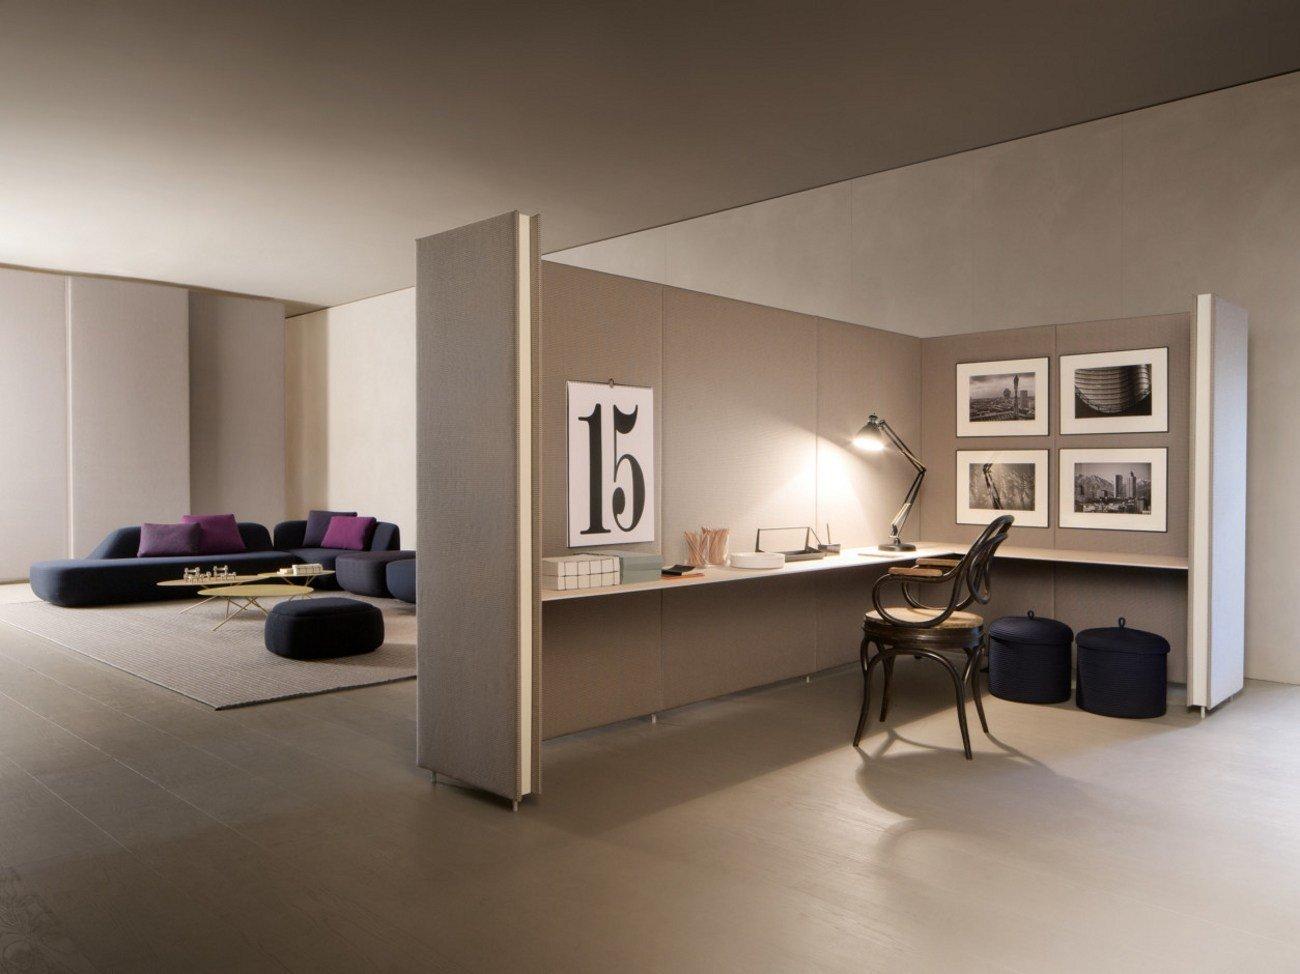 L 39 architettura d 39 interni diventa flessibile for Architettura arredamento d interni